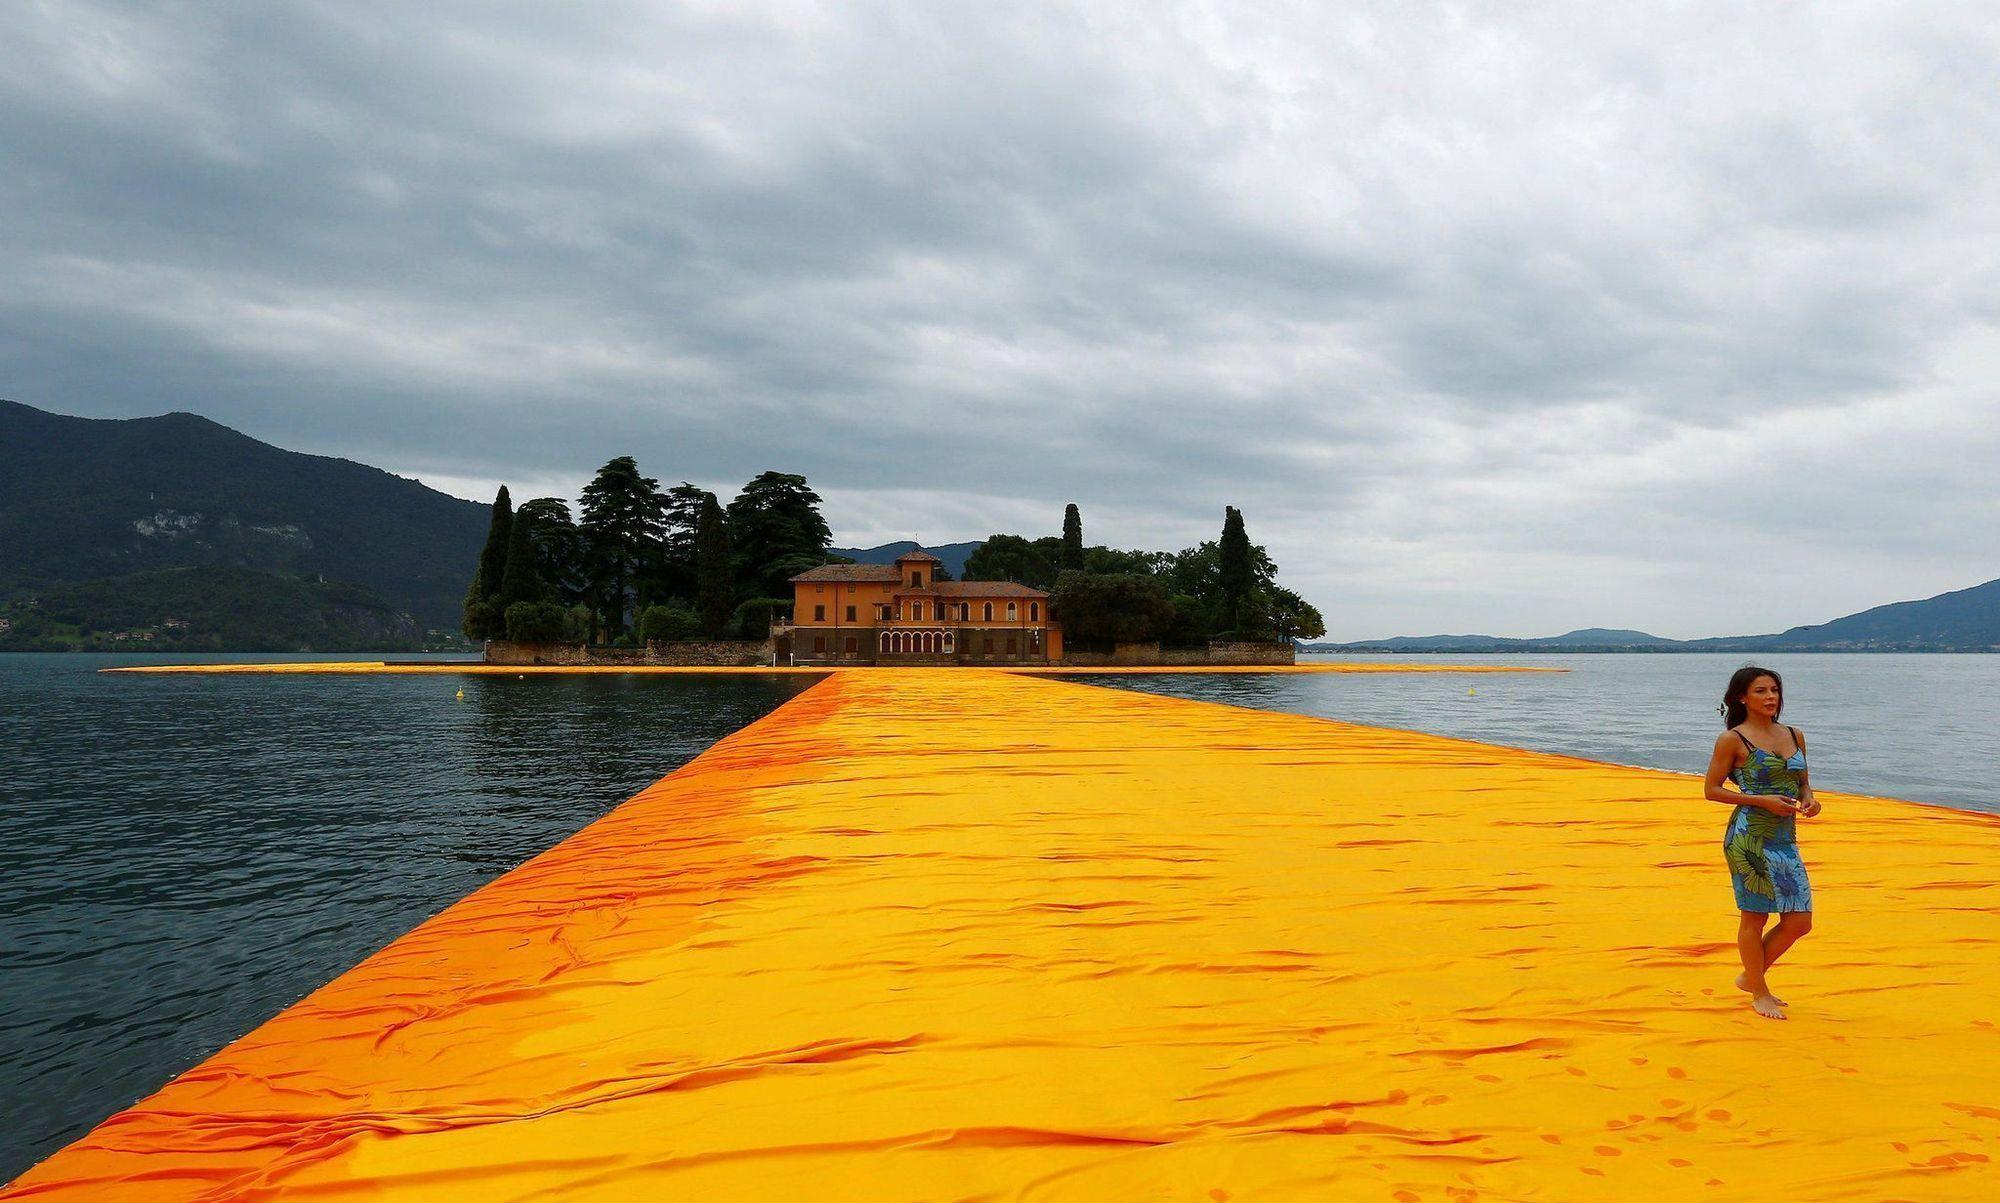 fcd6cd68a19 Το όνειρό του έγινε επιτέλους πραγματικότητα! Ο εικαστικός καλλιτέχνης  Christo κατάφερε να περπατήσει στο νερό. Μεταφερόμαστε στην Ιταλία, στο  όμορφο ...